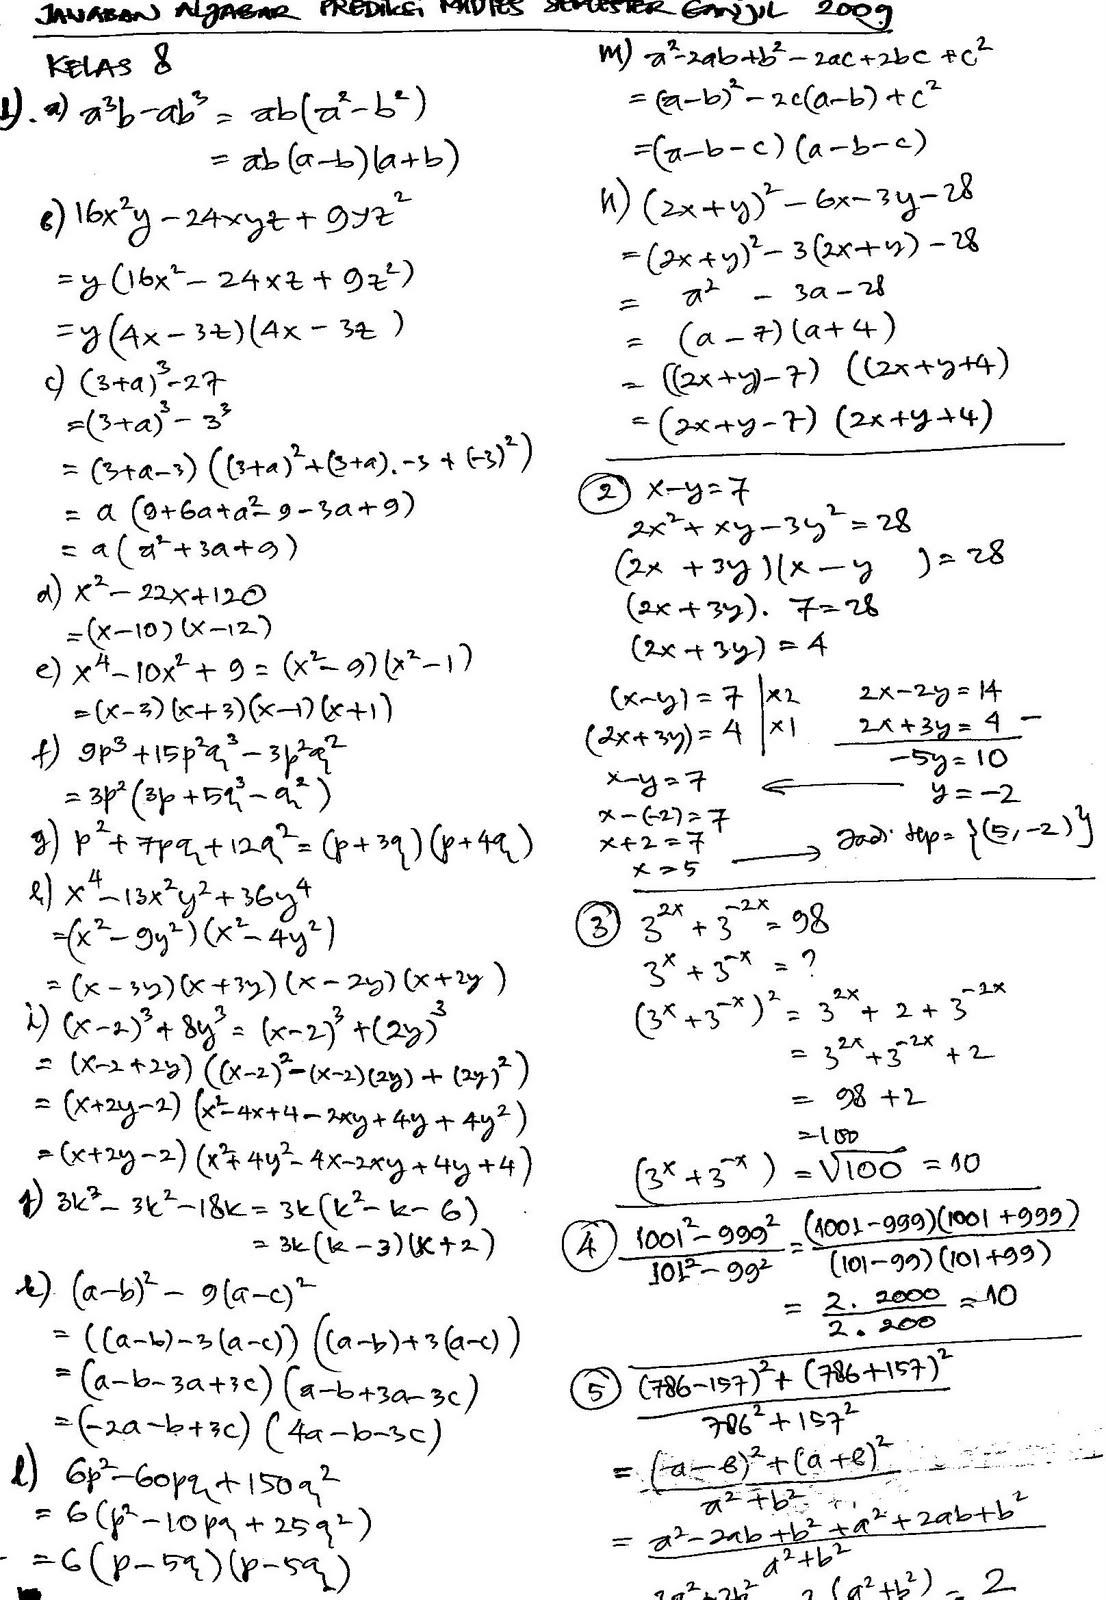 Soal Essay Ipa Kelas 7 Semester 1 Dan Kunci Jawaban Guru Galeri